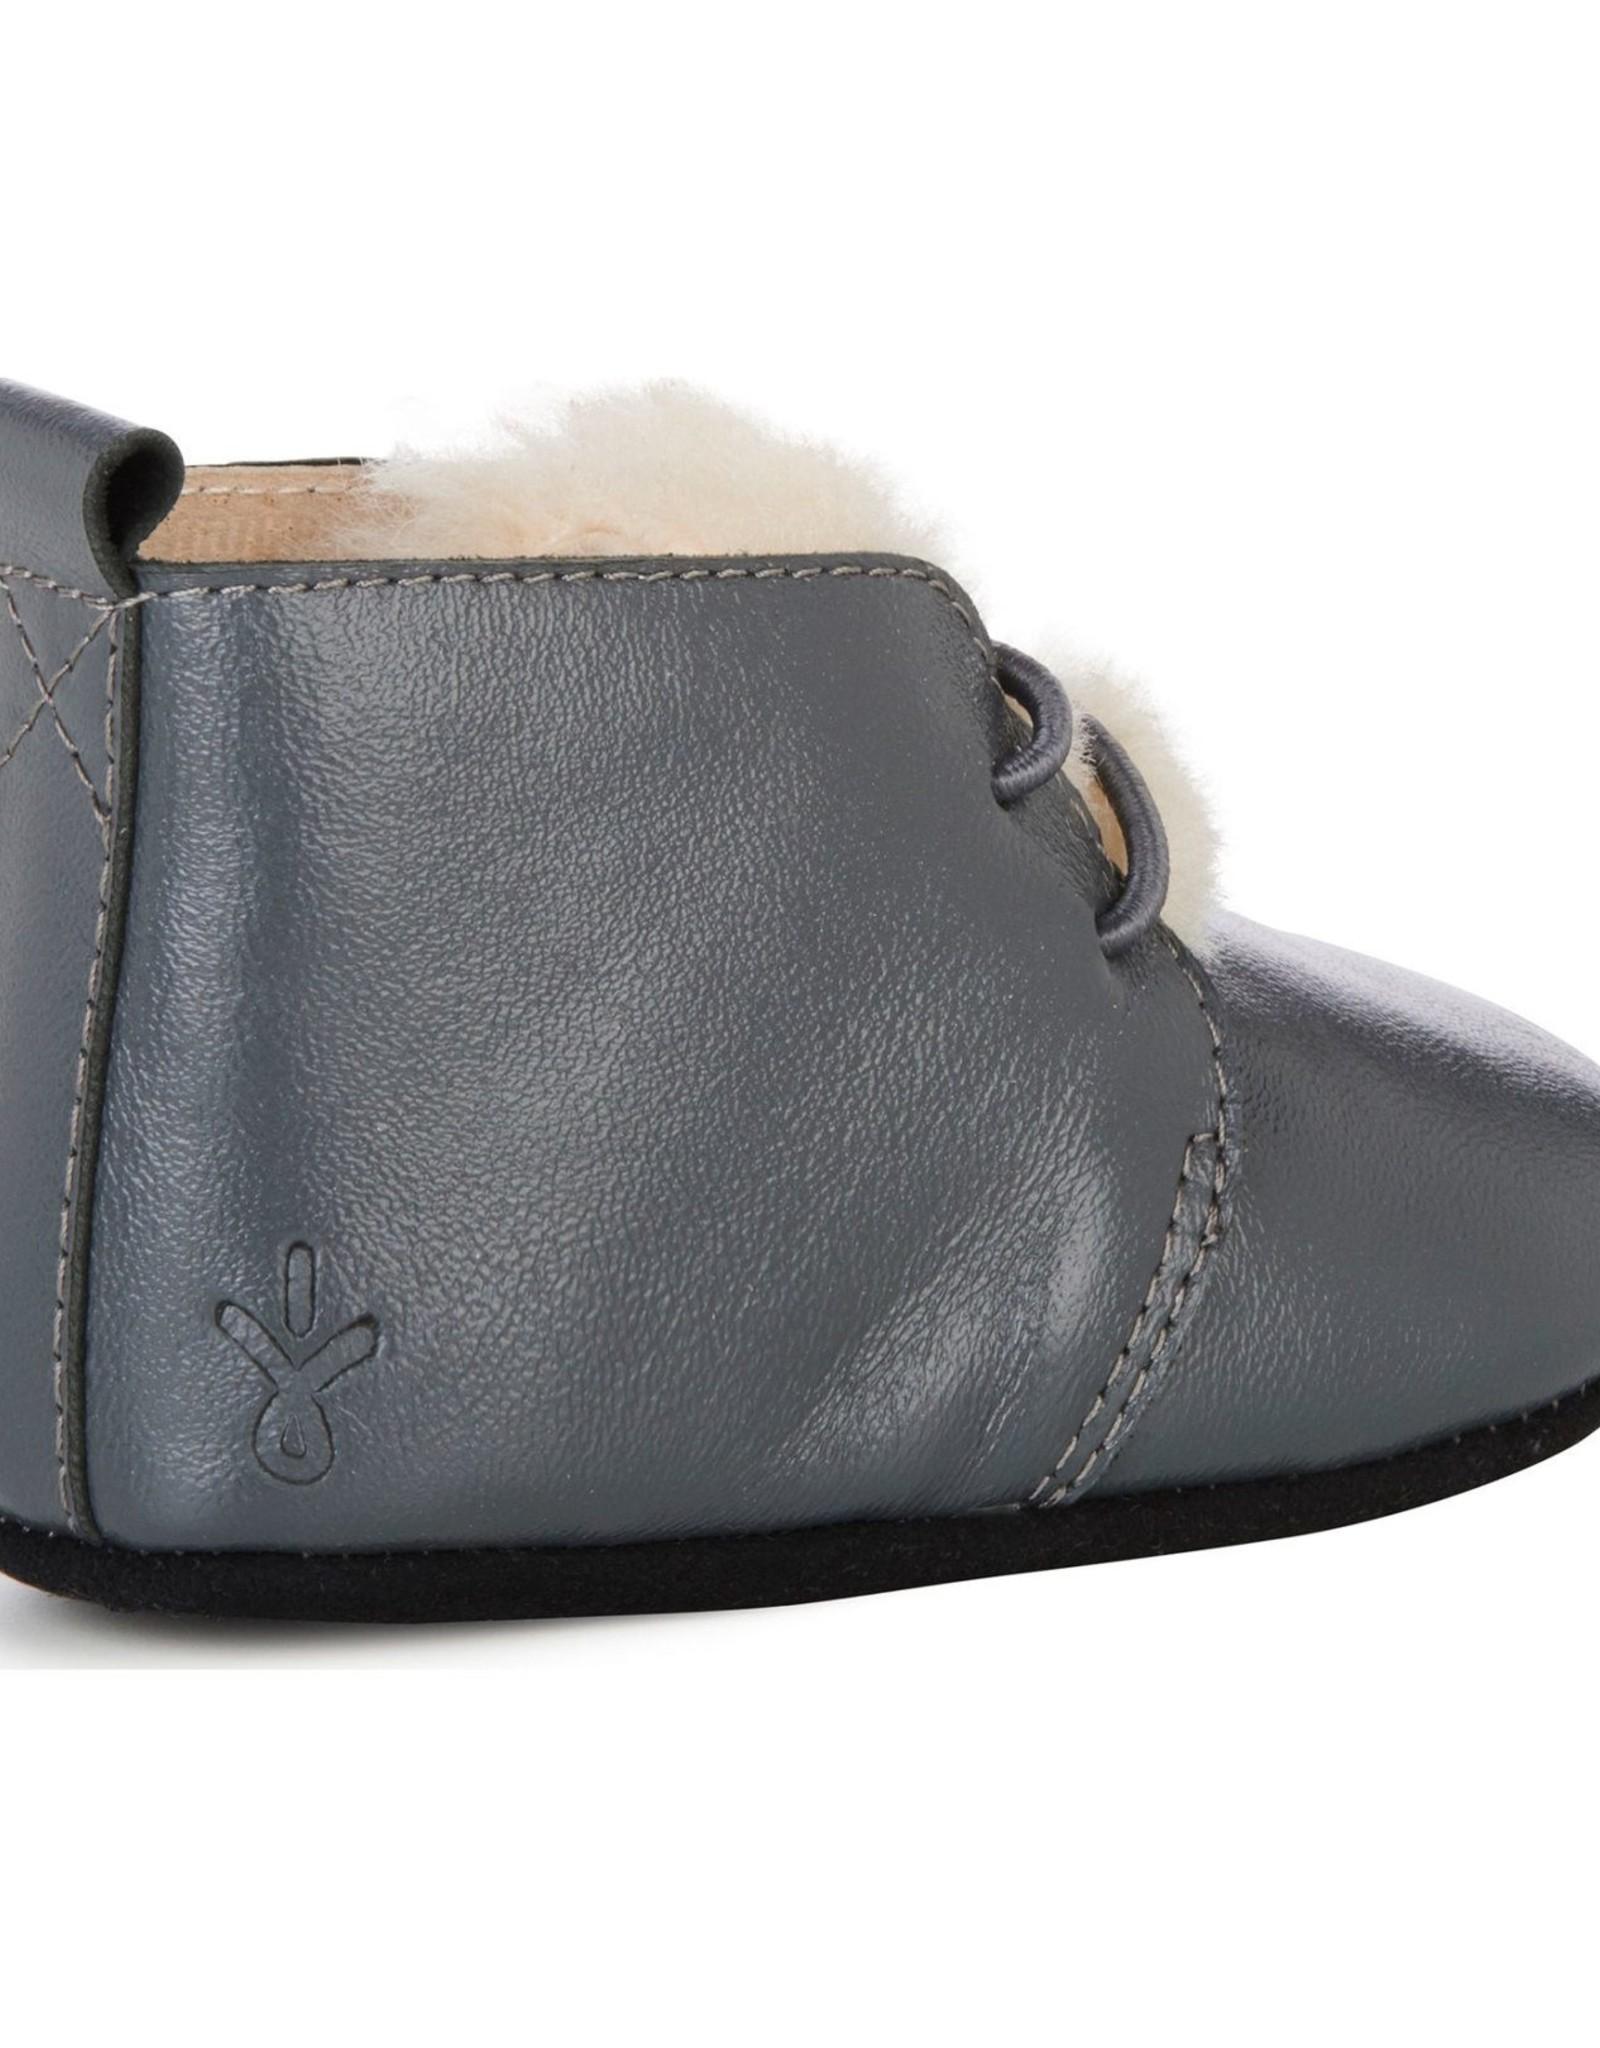 Emu Poppy bootie